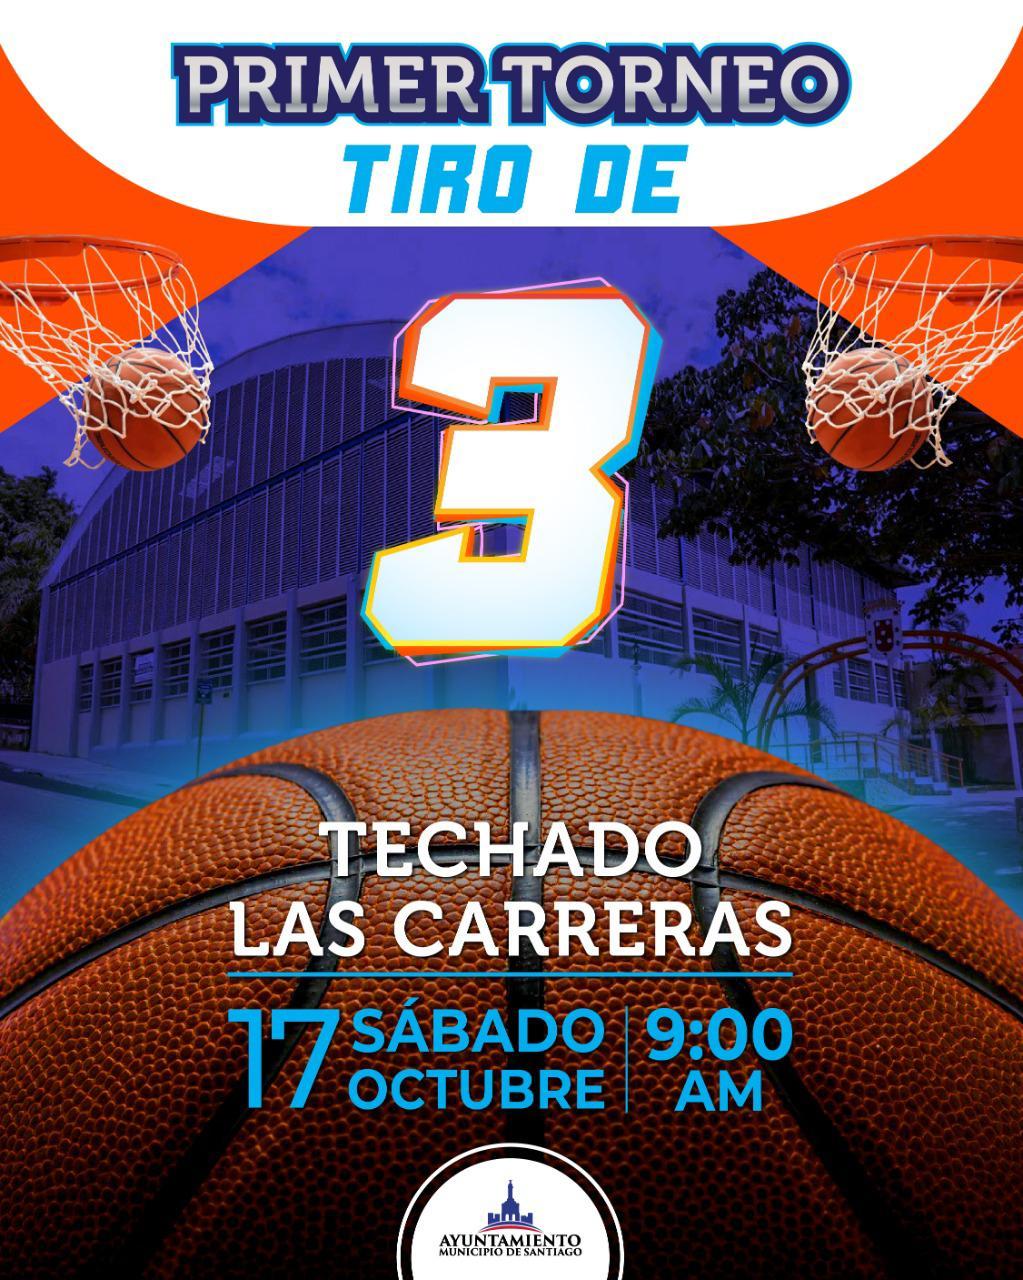 Alcaldía Santiago realizará desde este sábado la primera competencia de tiros de tres